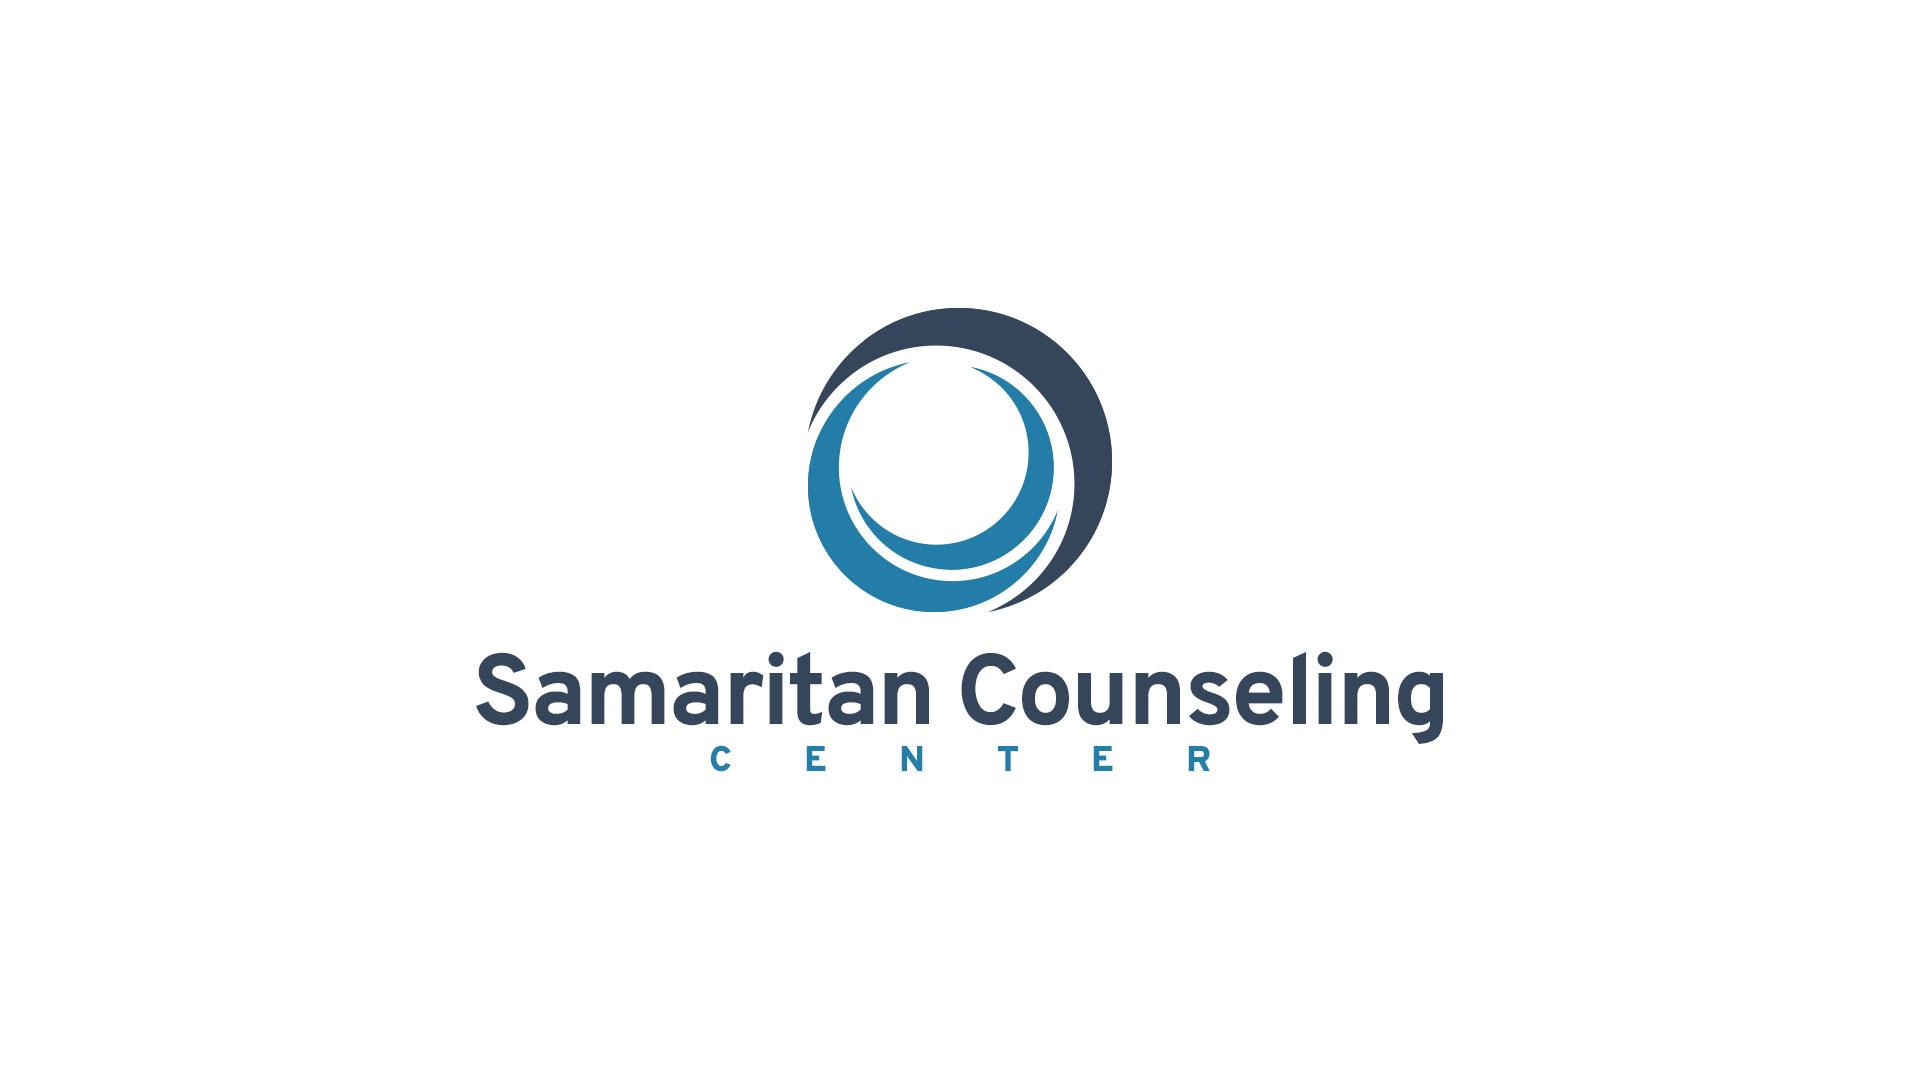 Samaritian Counseling Center